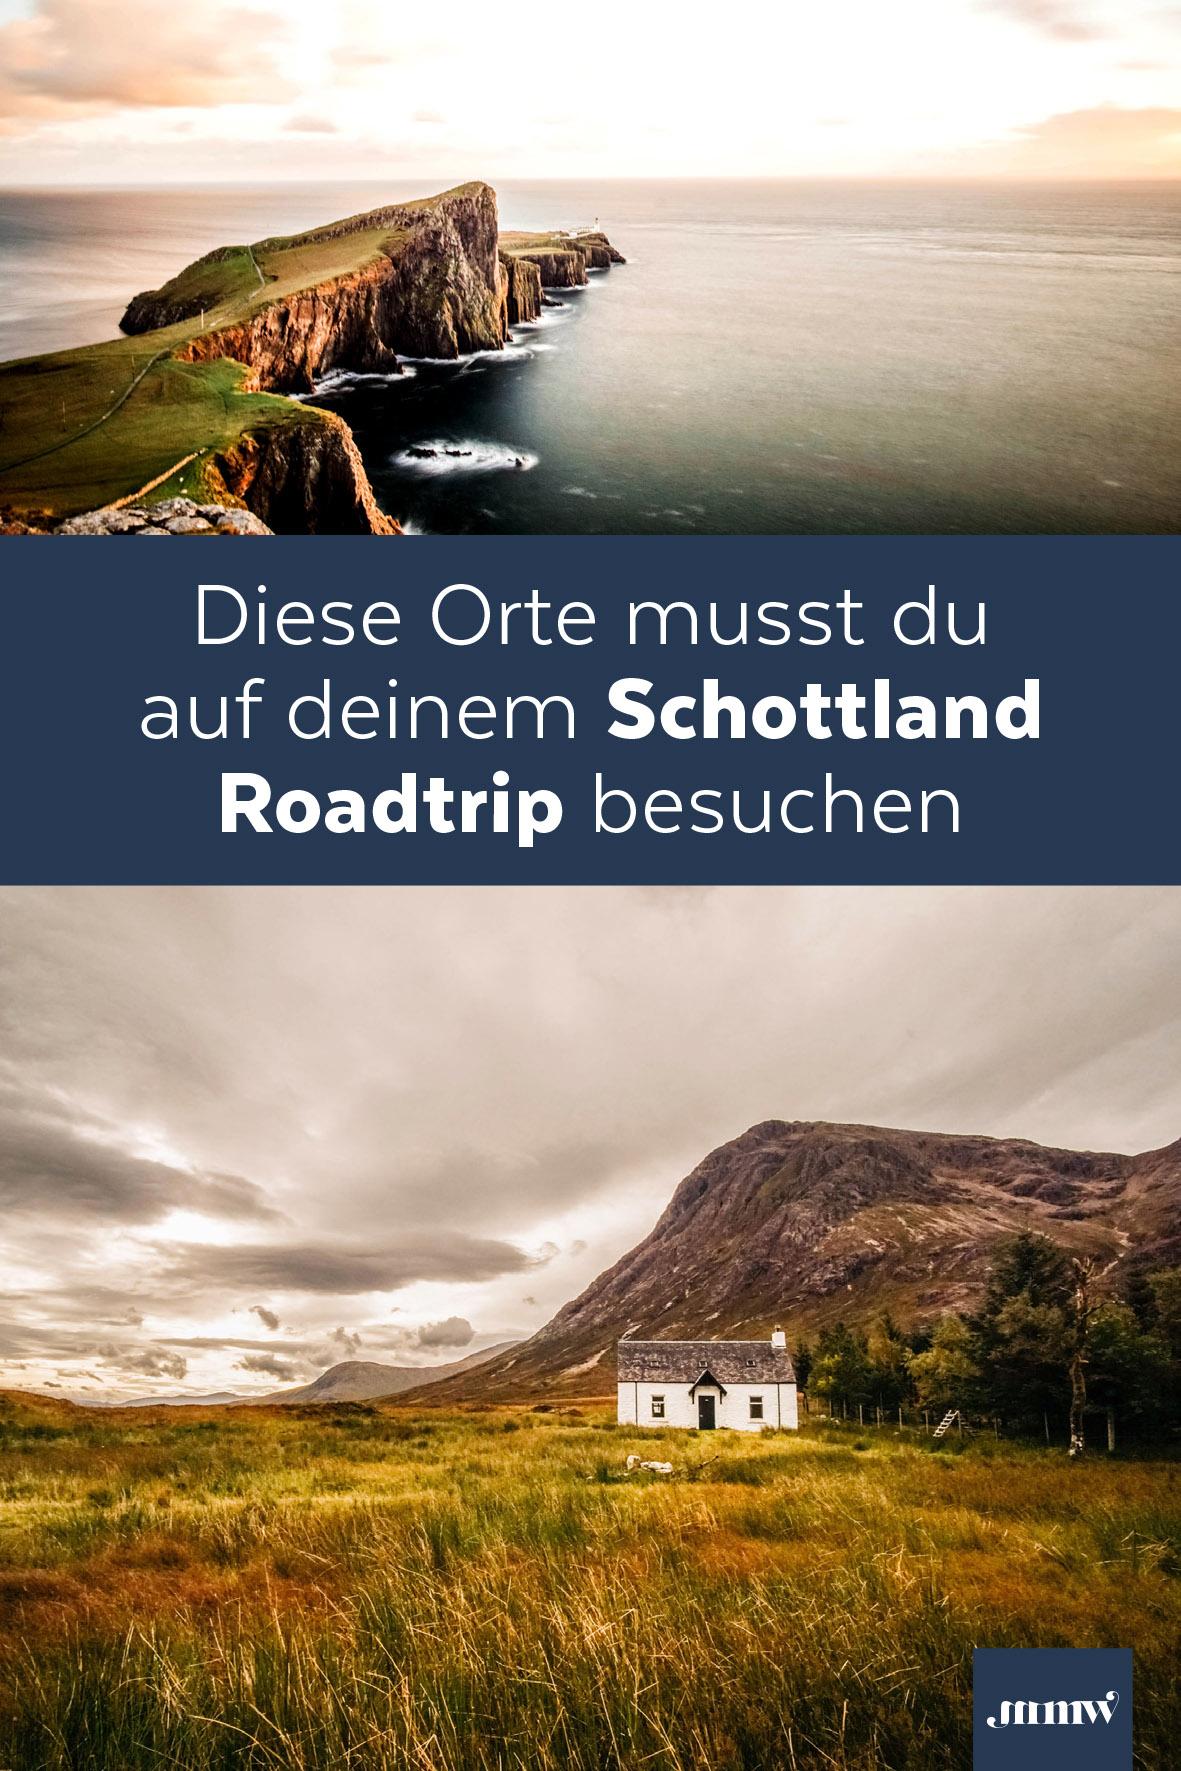 Schottland Roadtrip von Edinburgh durch die Highlands auf Pinterest